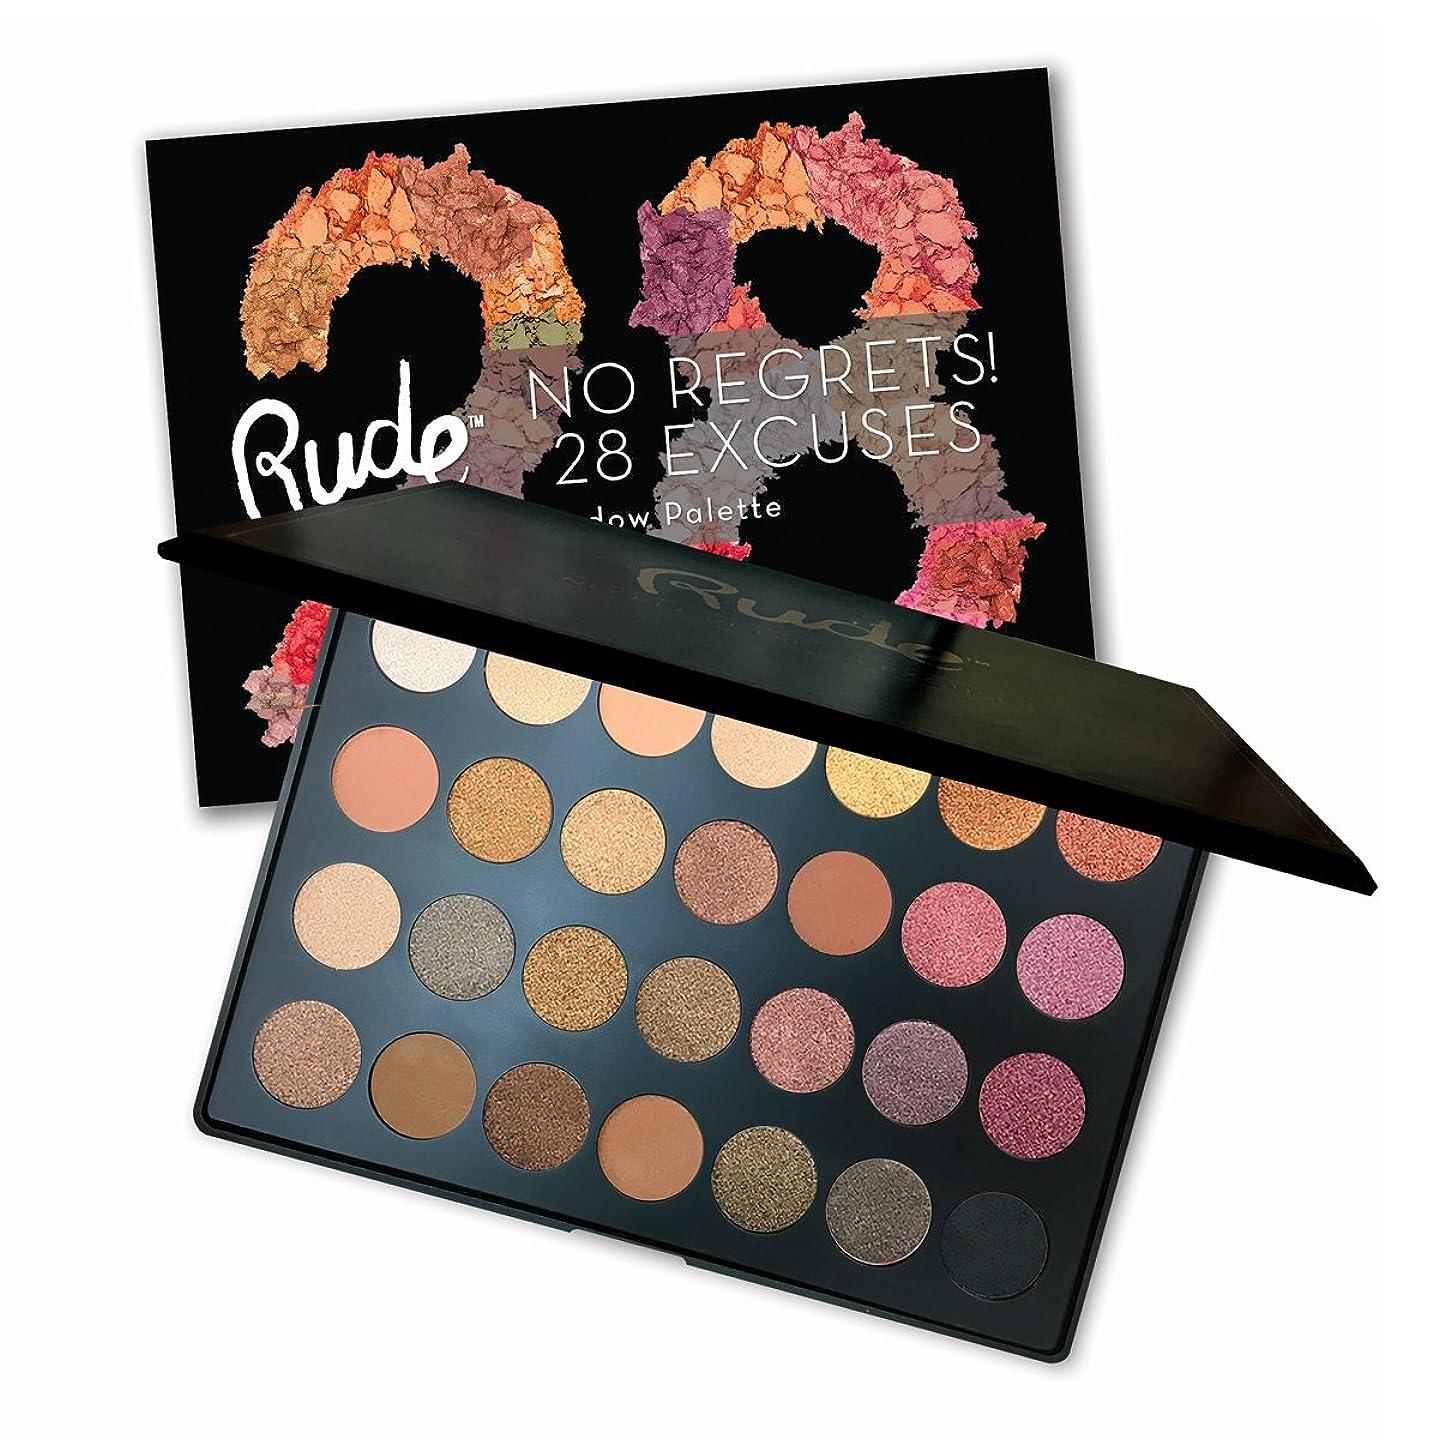 カルシウムブレンド休日に(6 Pack) RUDE No Regrets! 28 Excuses Eyeshadow Palette - Scorpio (並行輸入品)